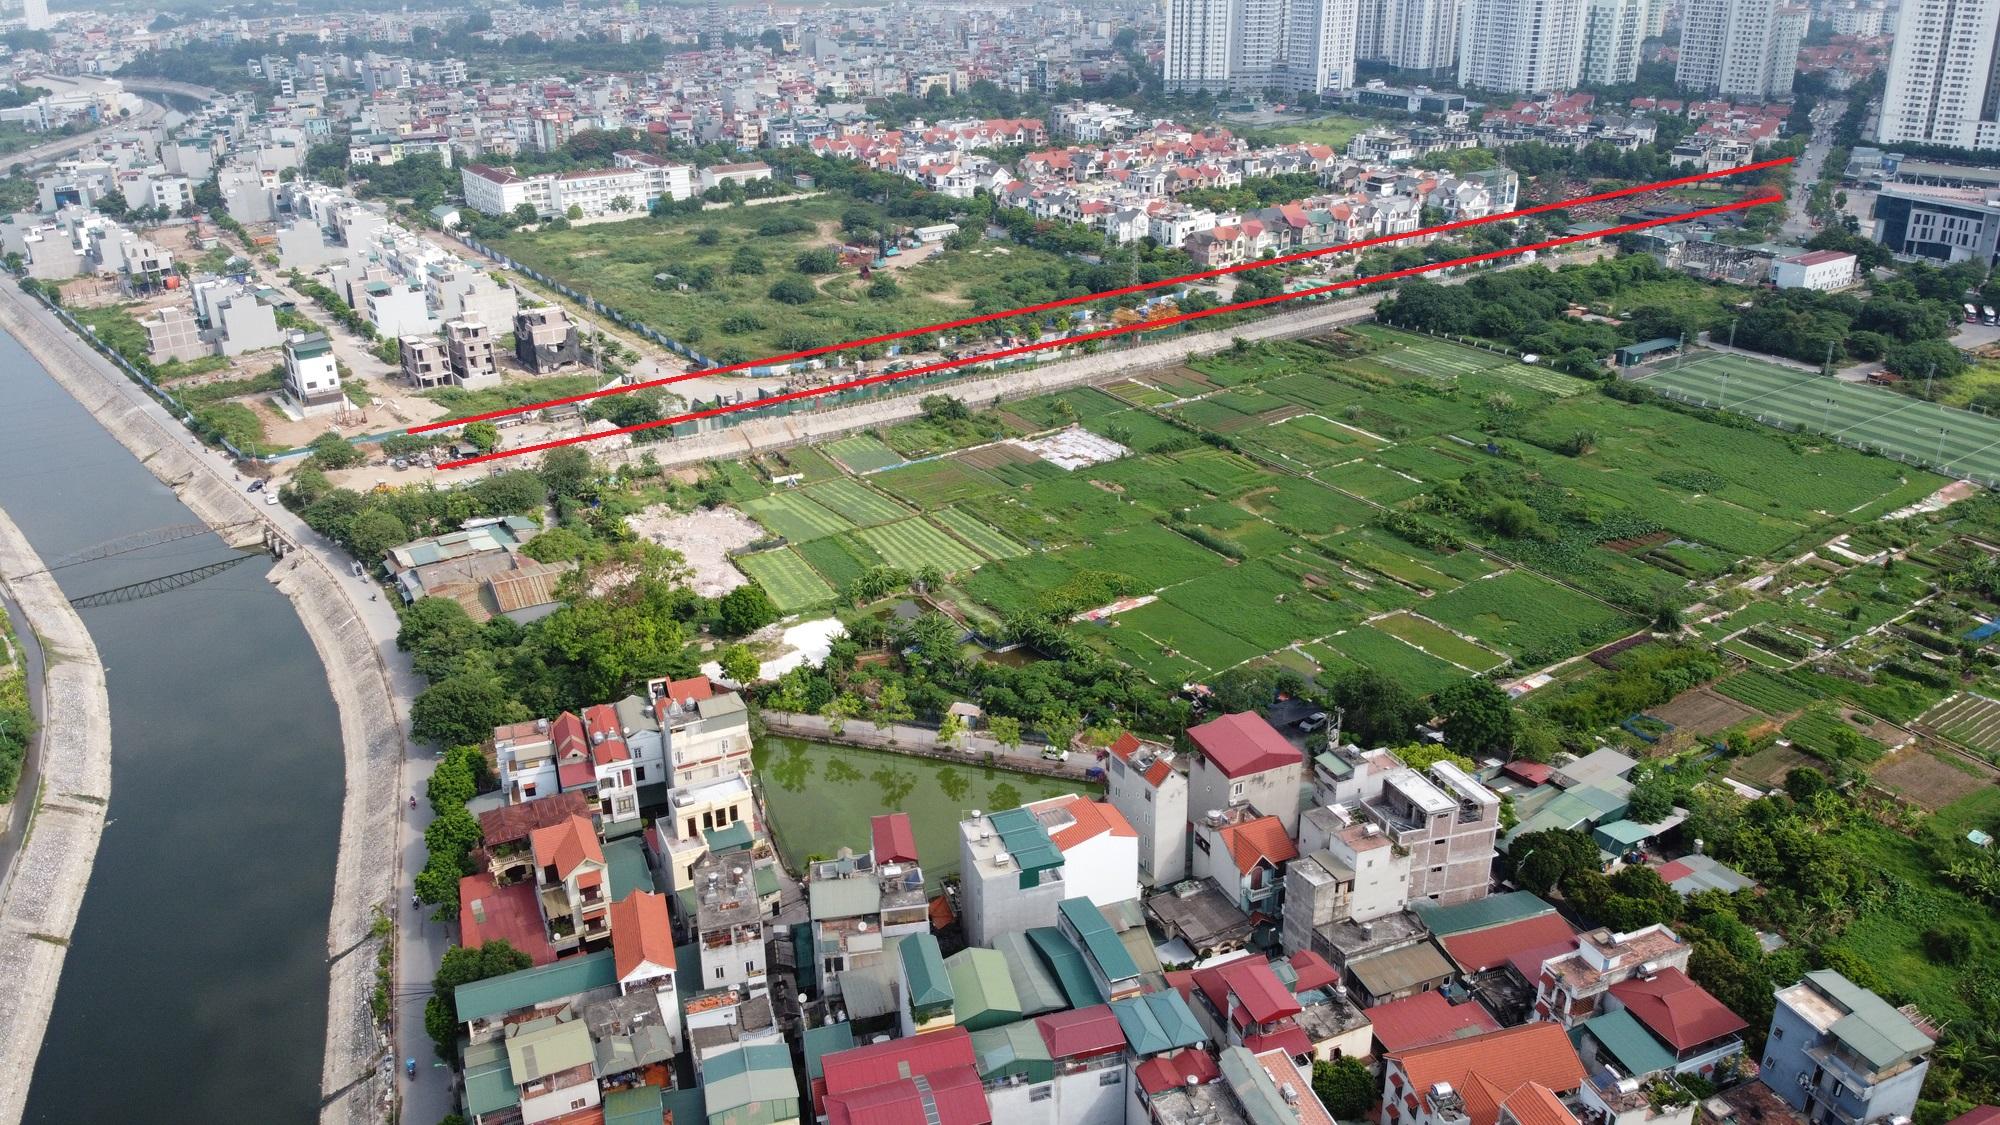 Ba đường sẽ mở theo qui hoạch ở phường Hoàng Liệt, Hoàng Mai, Hà Nội - Ảnh 5.